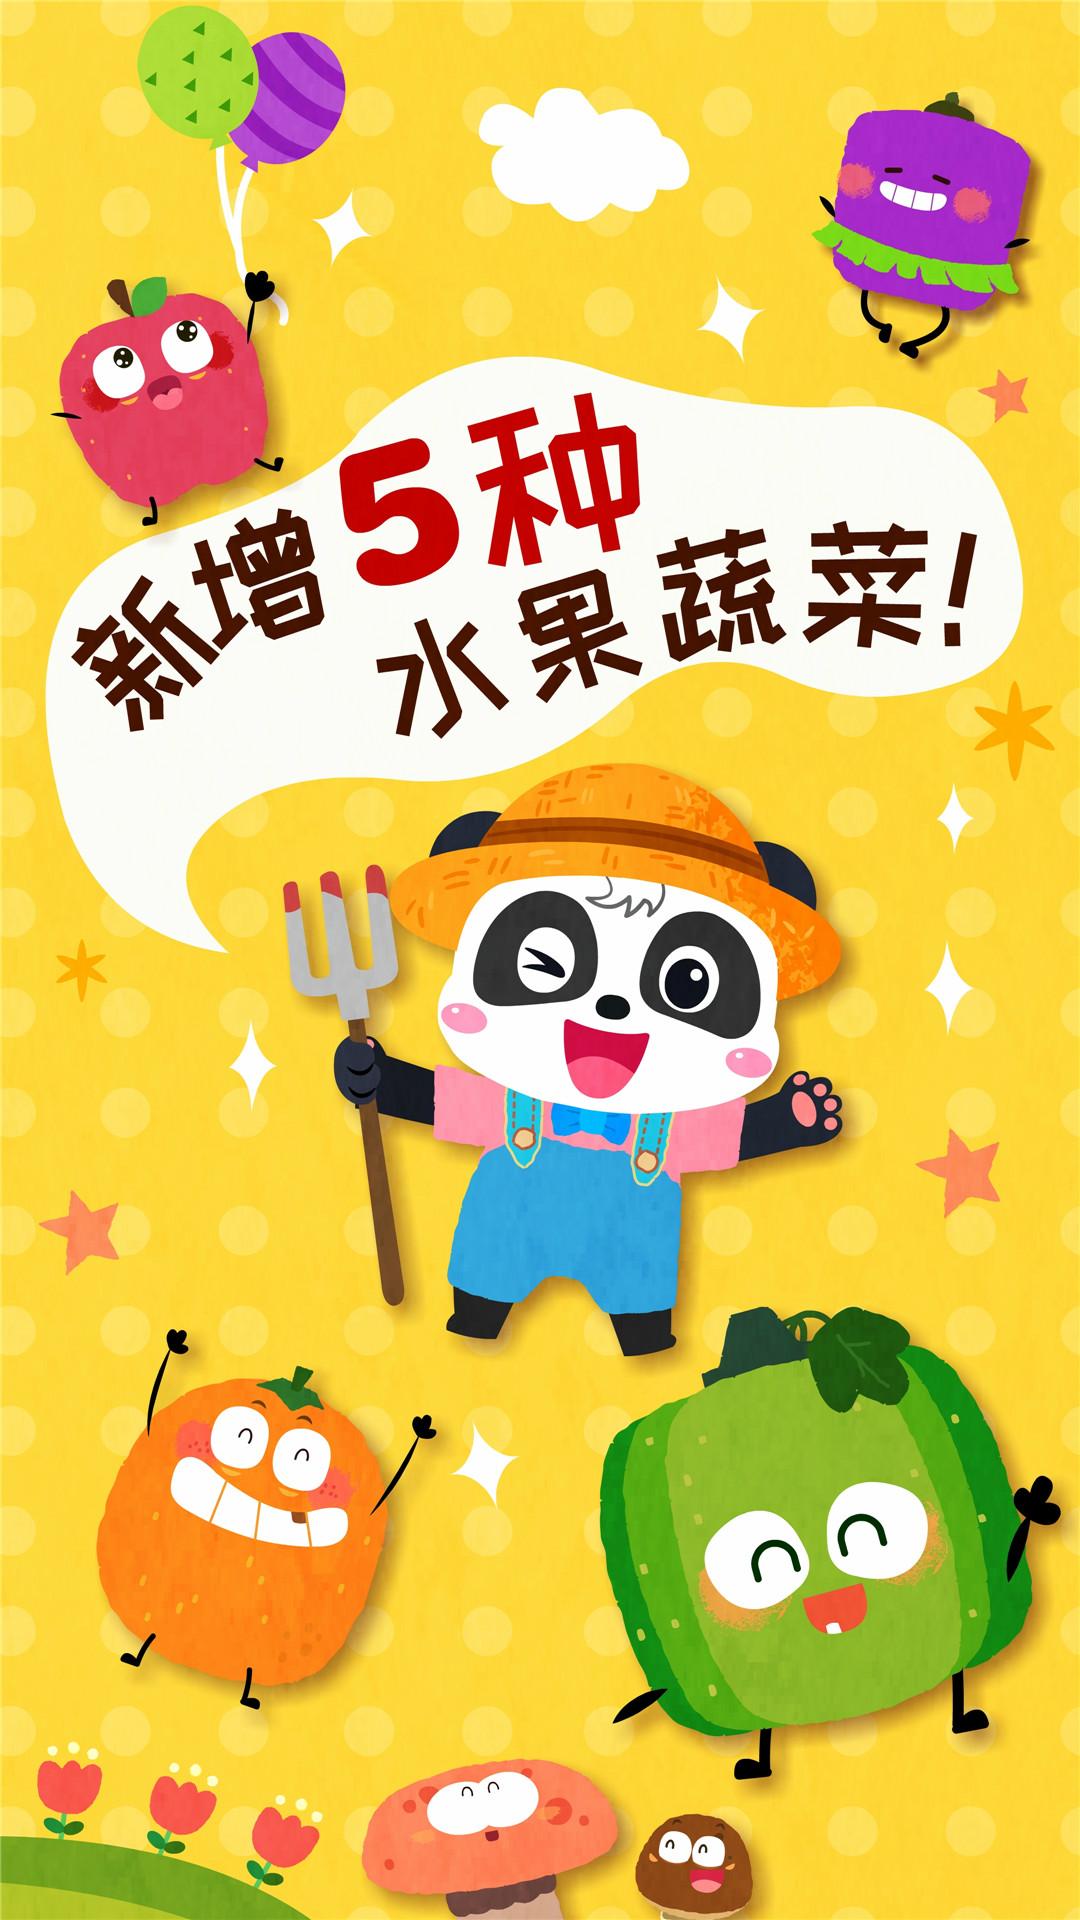 宝宝爱水果蔬菜 V9.34.10.00 安卓版截图4